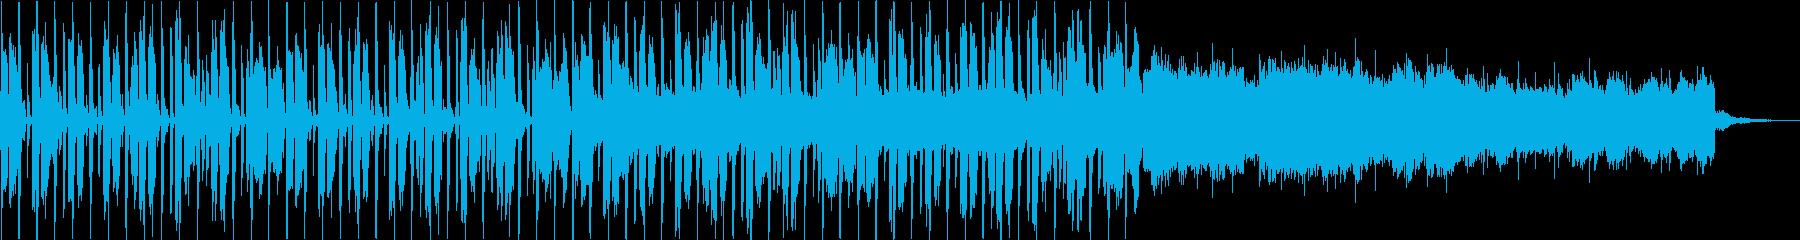 「喜びの歌」ポップで明るいギターアレンジの再生済みの波形